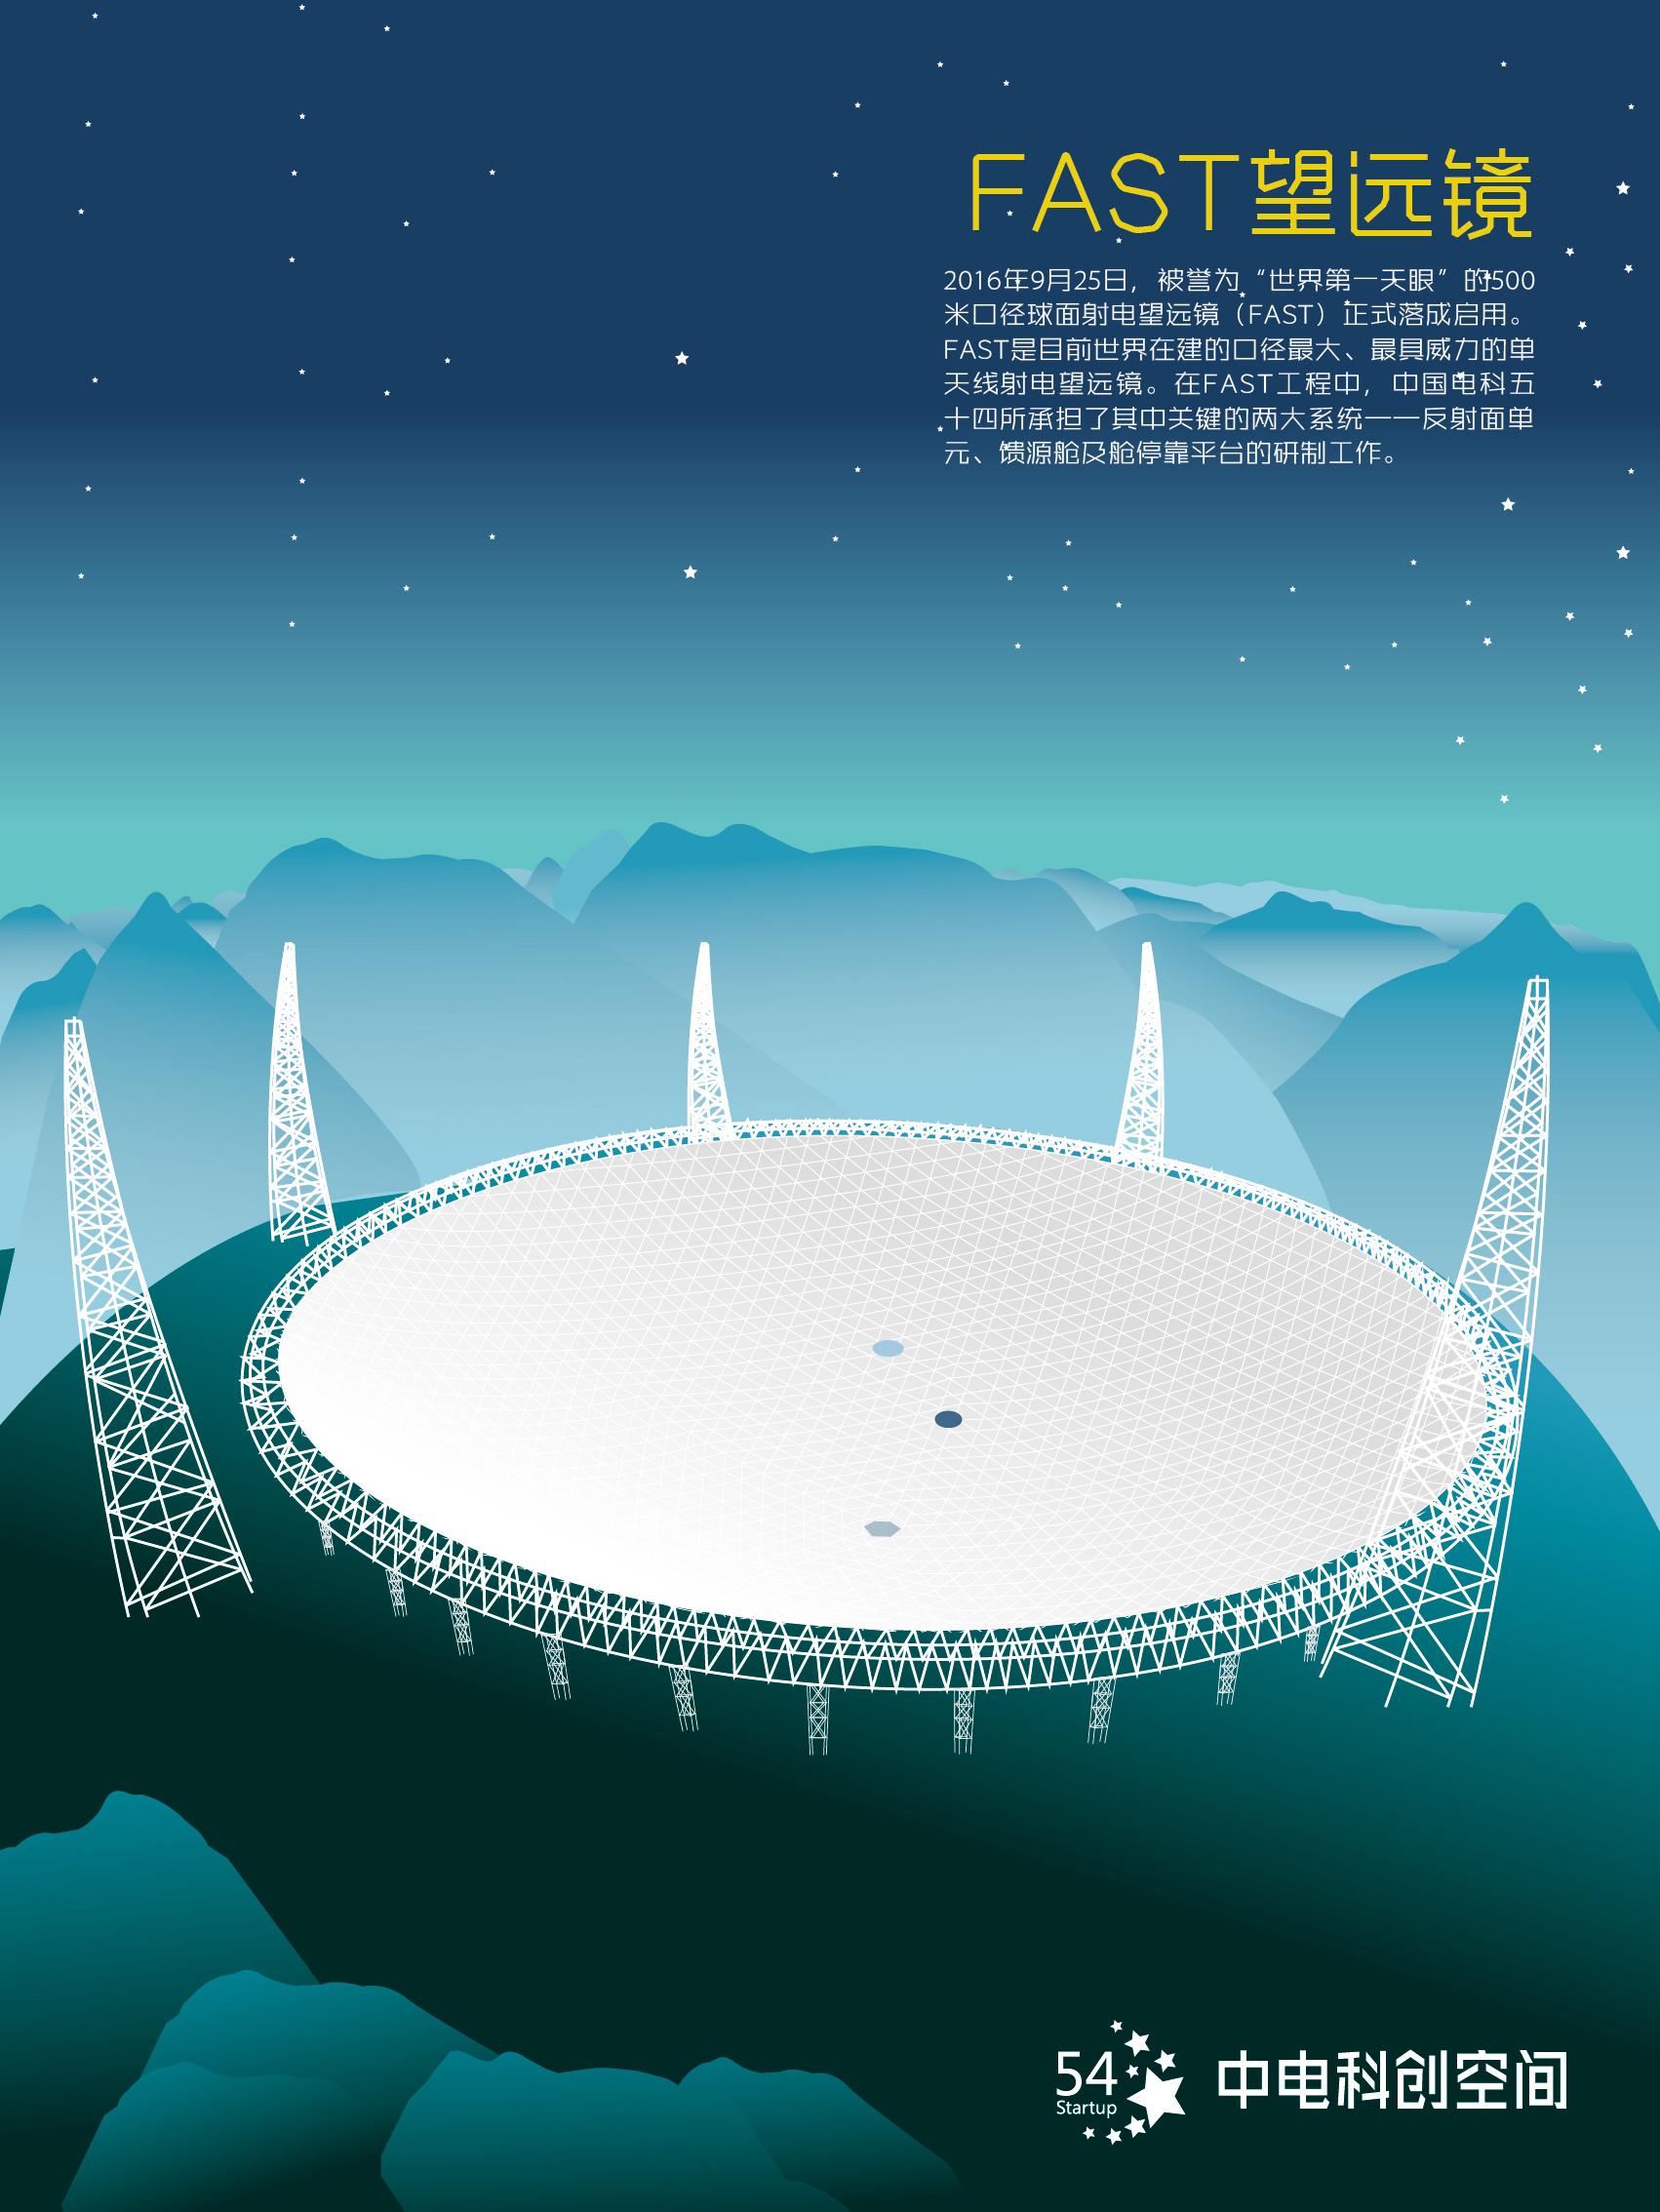 fast 望远镜 世界第一天眼